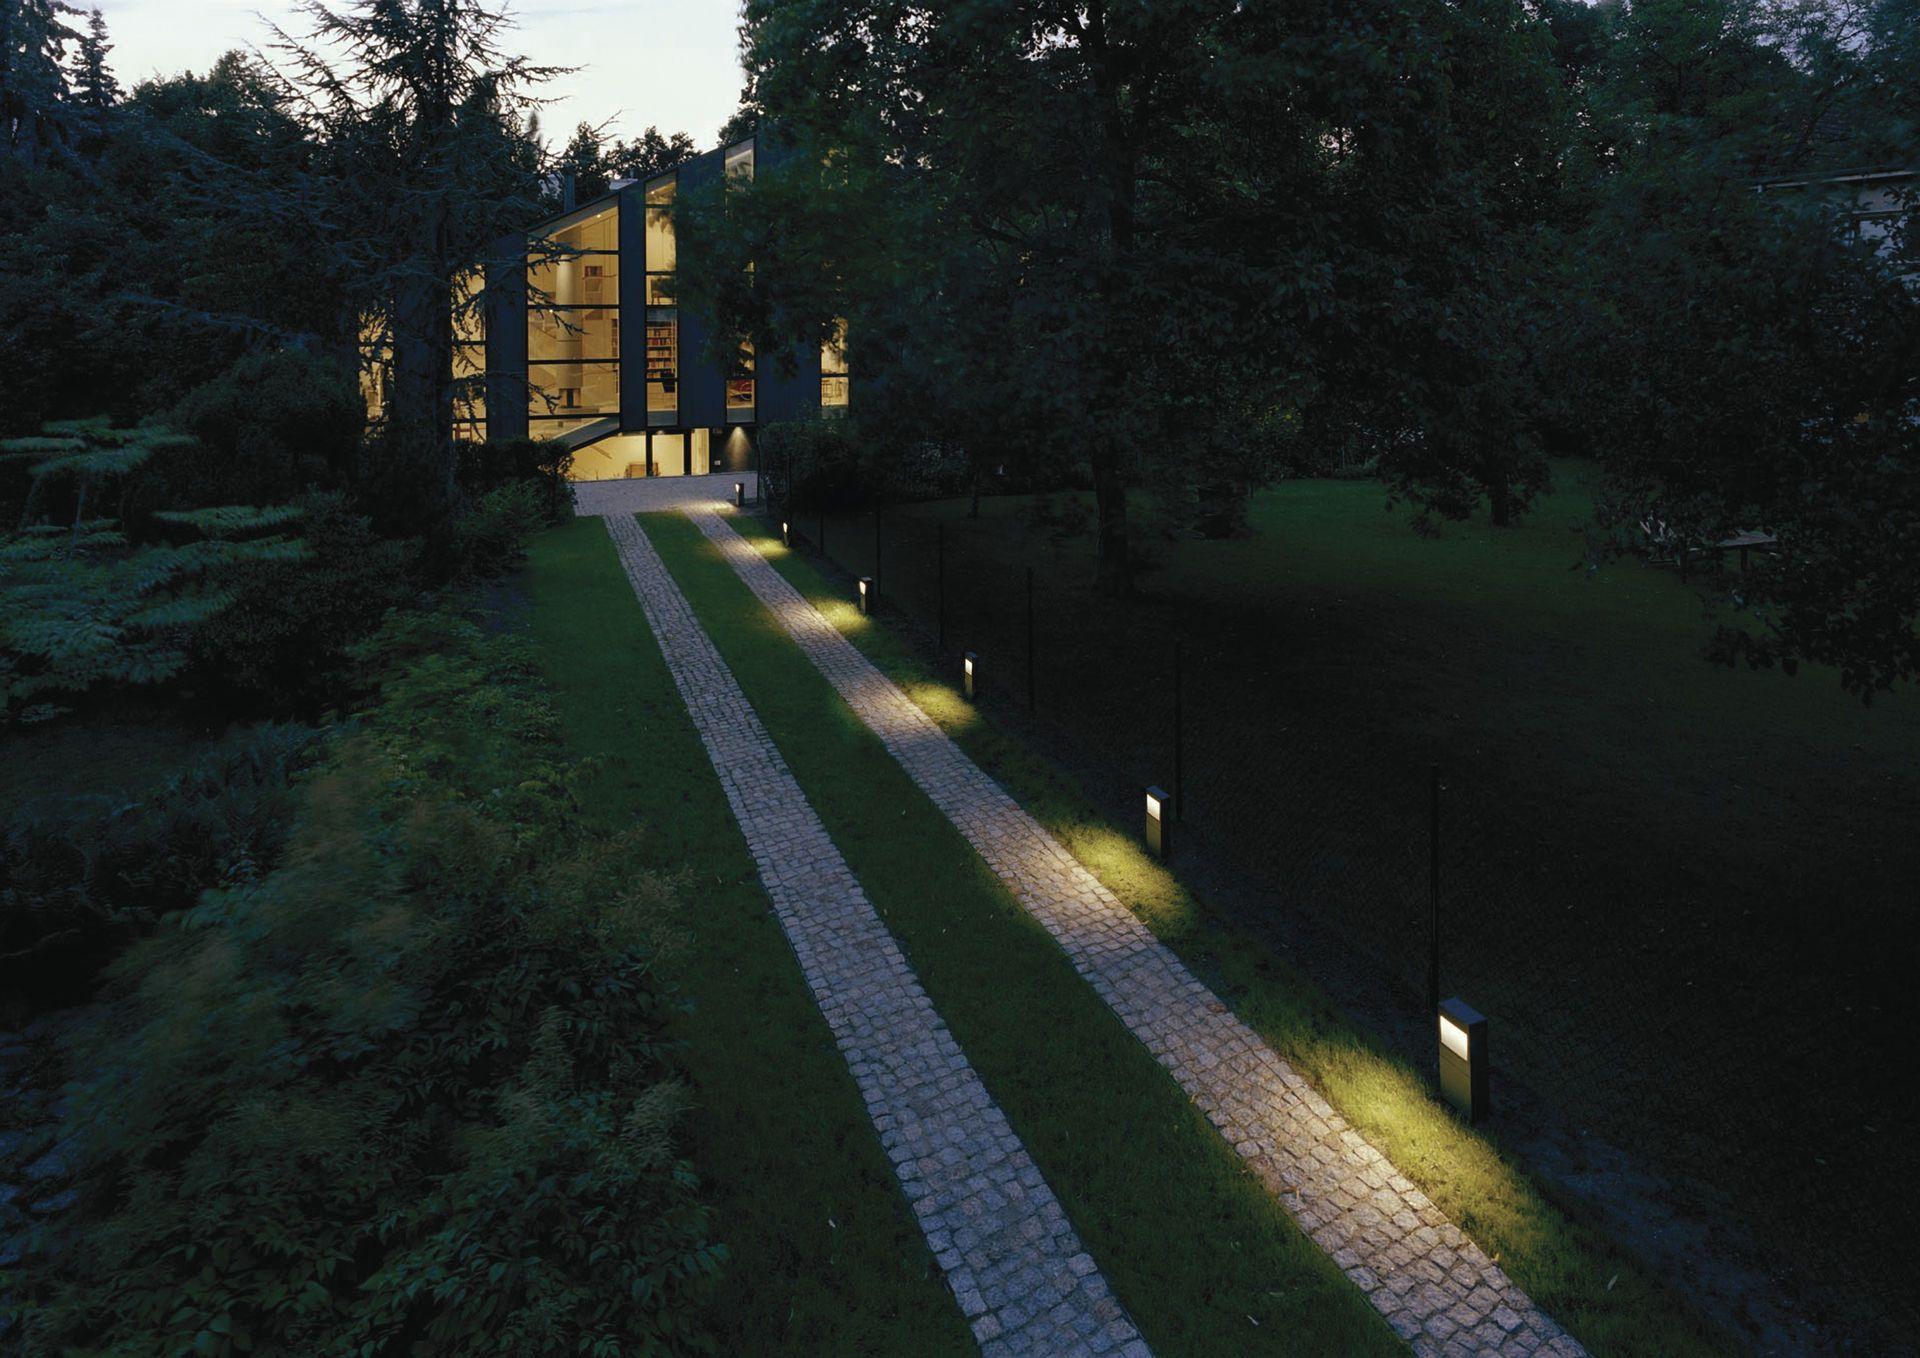 Wegbeleuchtung Sicher Zur Haustür Bauemotionde